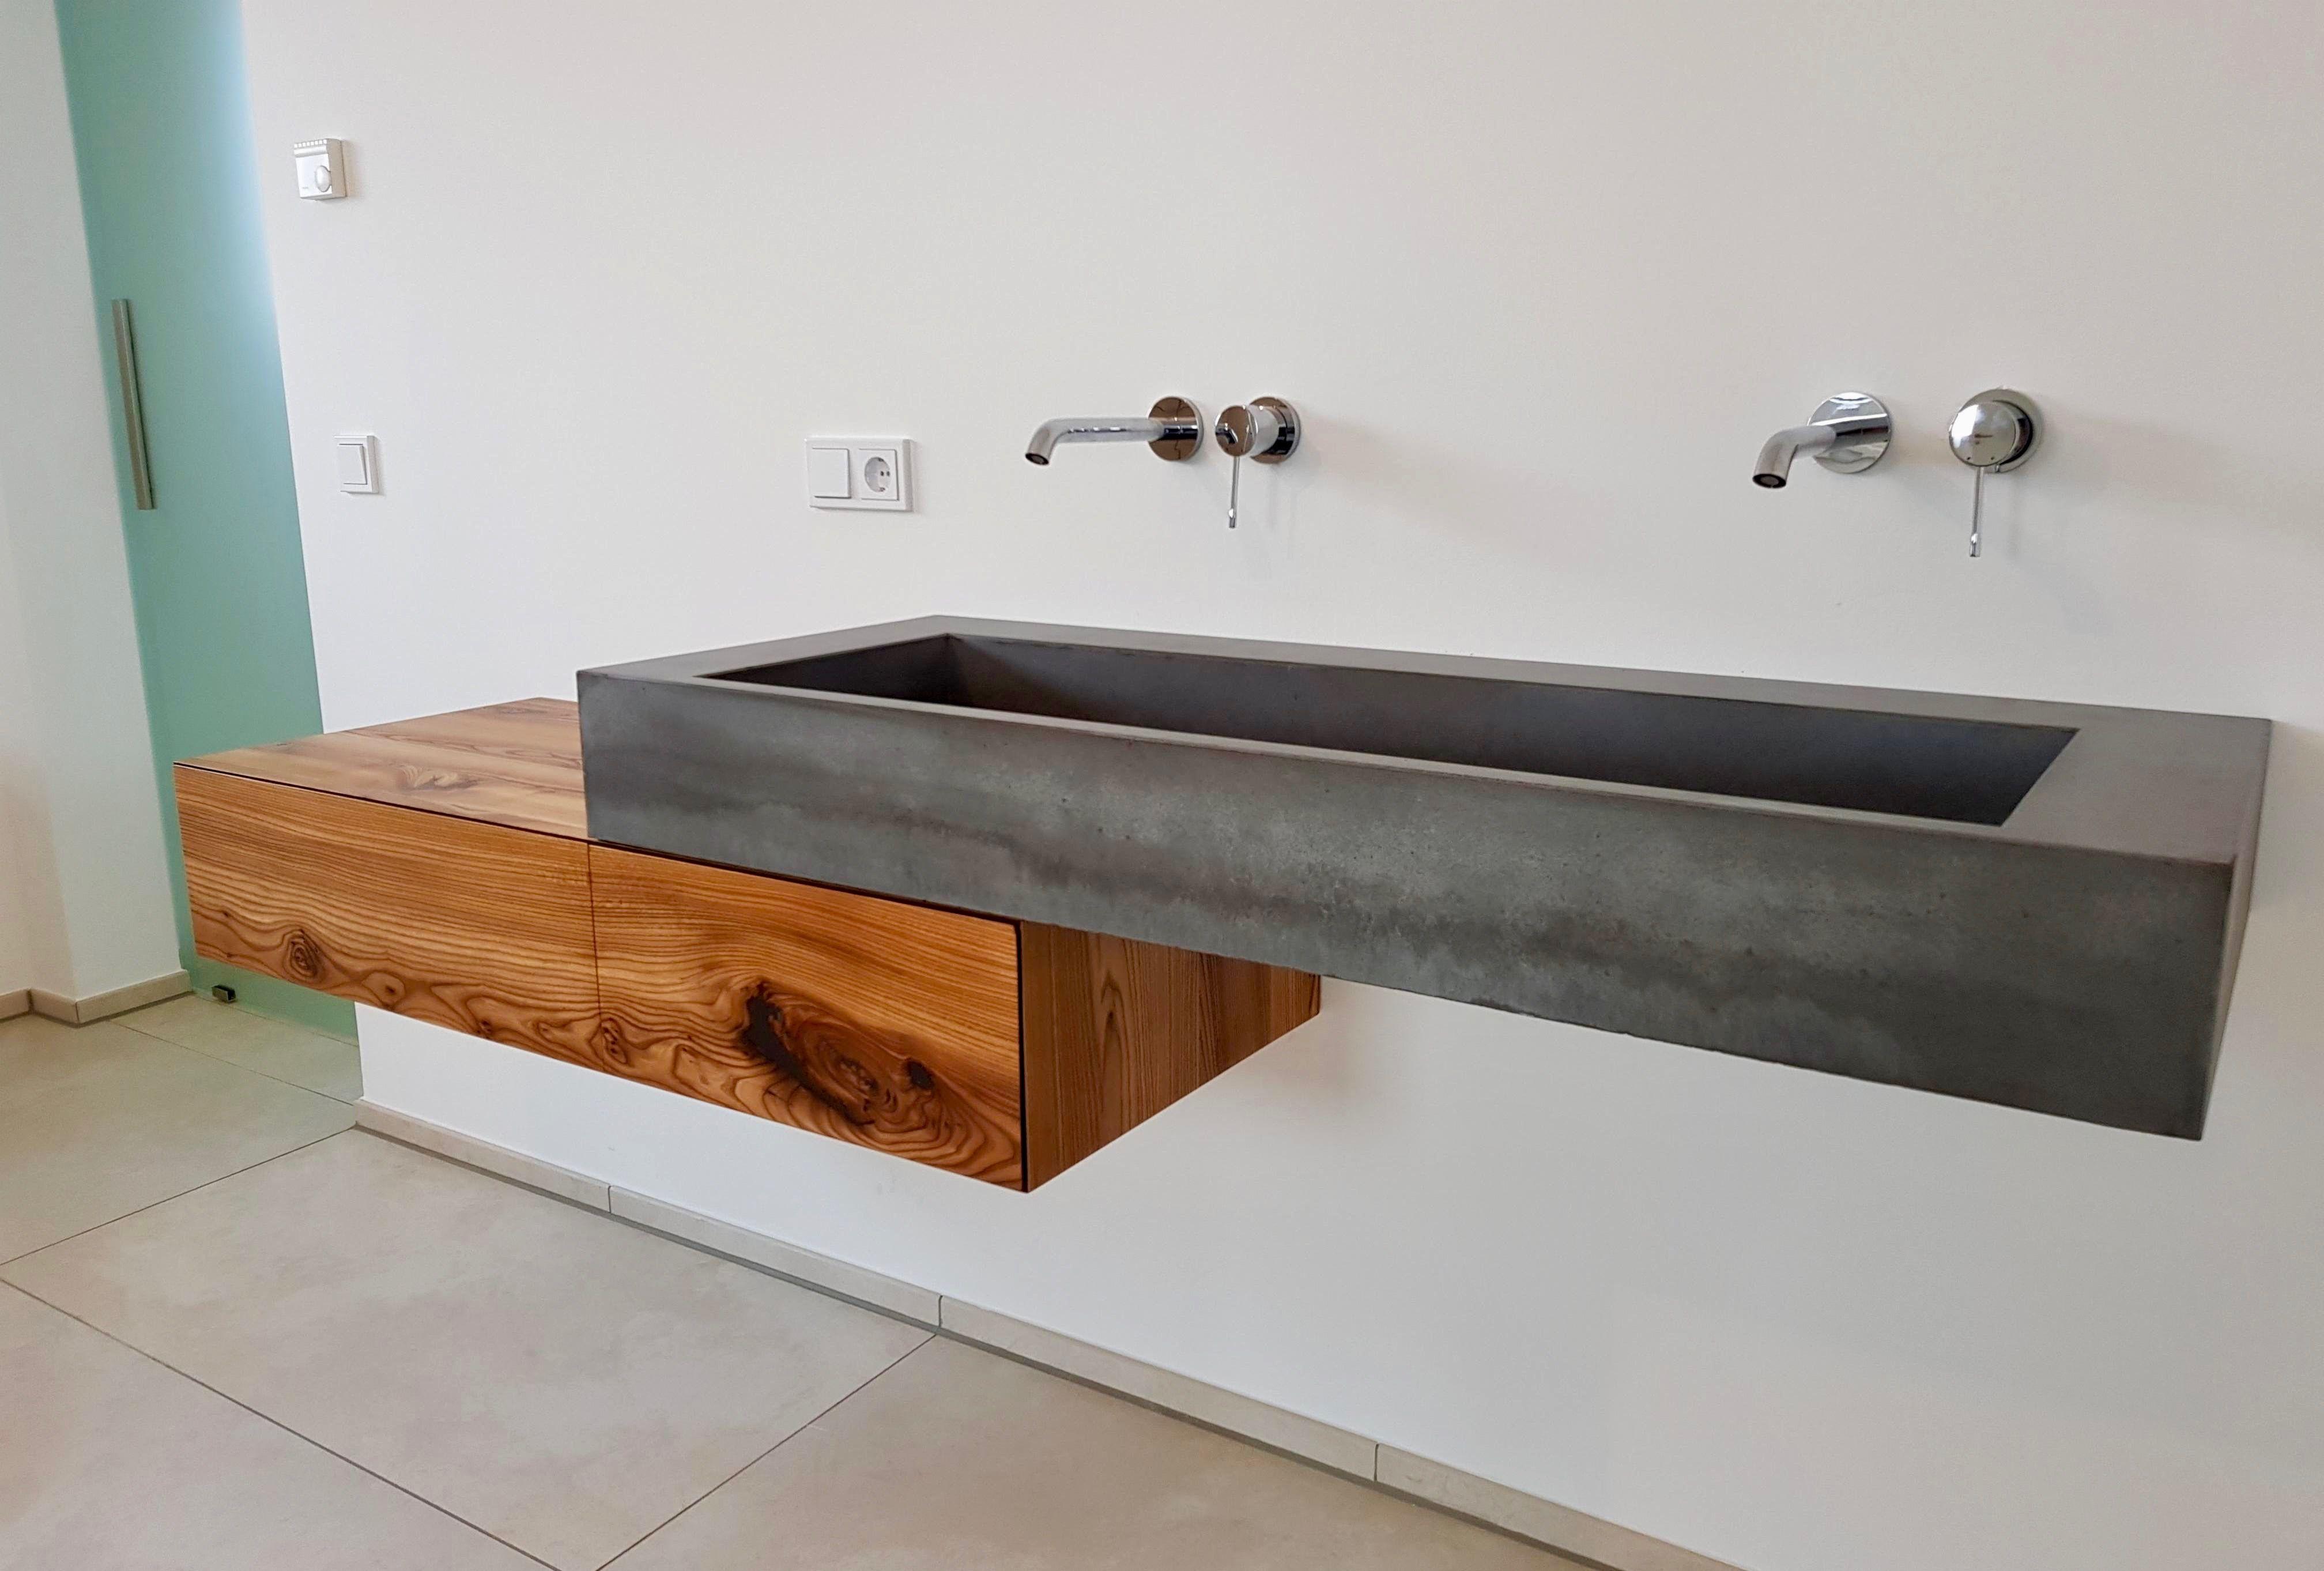 Unser Waschtisch Aus Unserem Xl Waschbecken In Beton Mit Eiche Unterschrank Begeistert Durch Das Unterschrank Waschbecken Badezimmer Ablage Unterschrank Bad